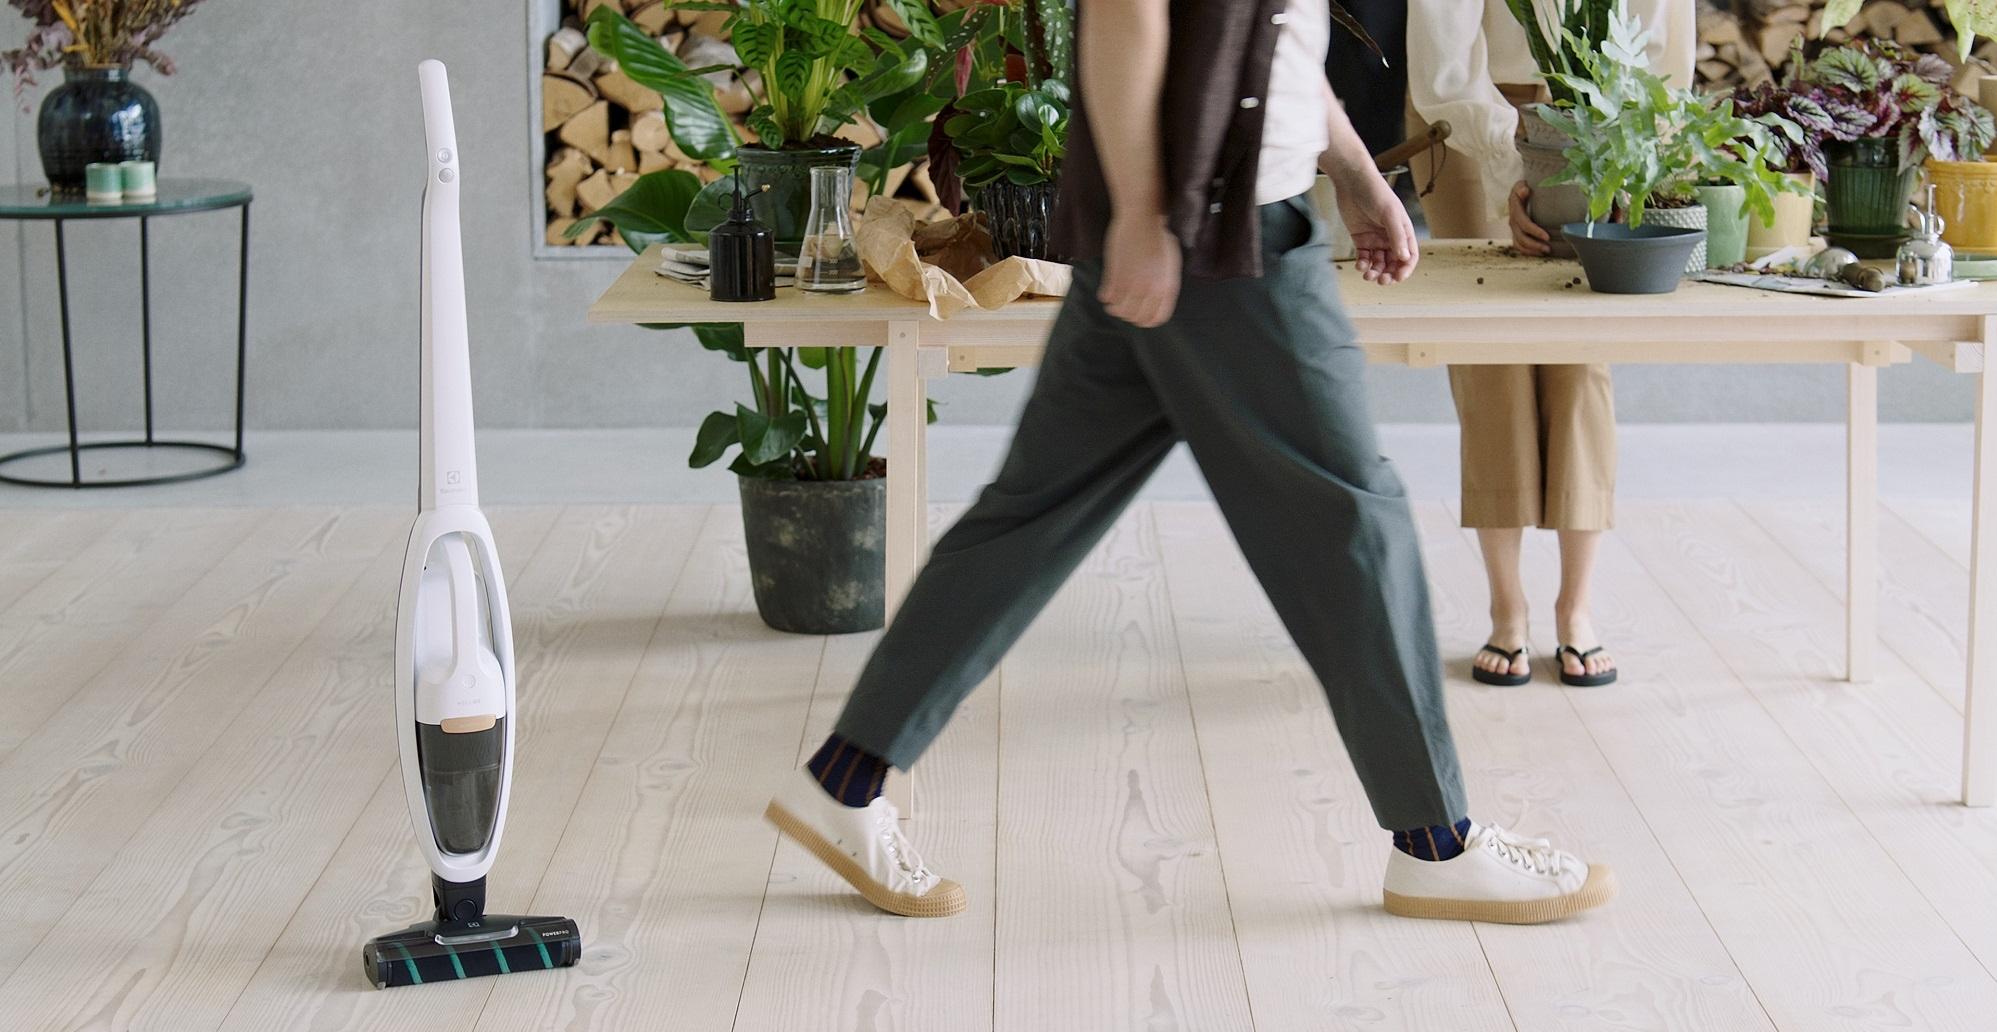 伊萊克斯發表新 Well Q7 無線吸塵器,小家電促銷滿額現折三千